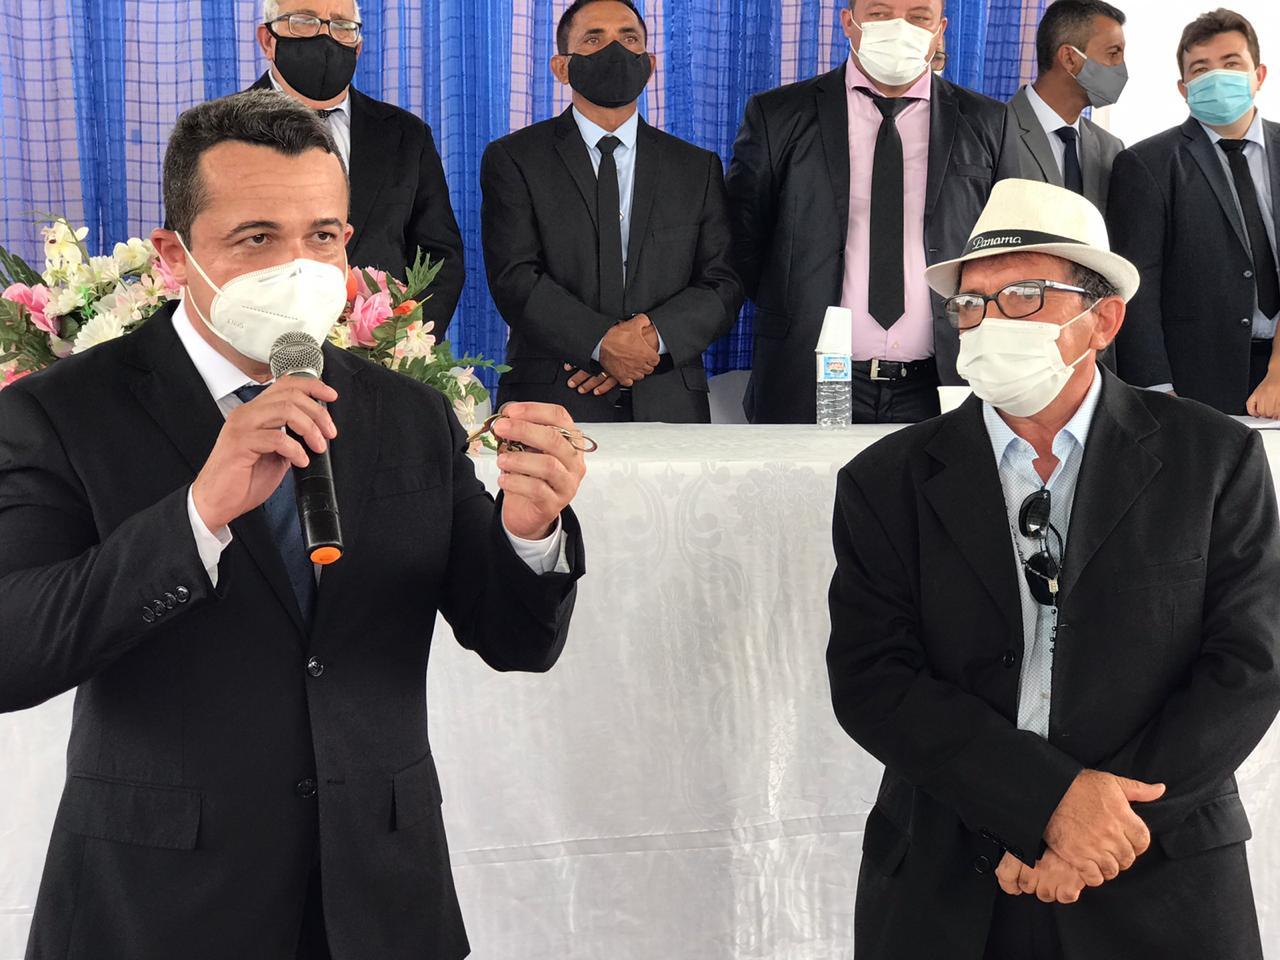 Dr. Naerton Moura e Chaguinha tomam posse em Sussuapara